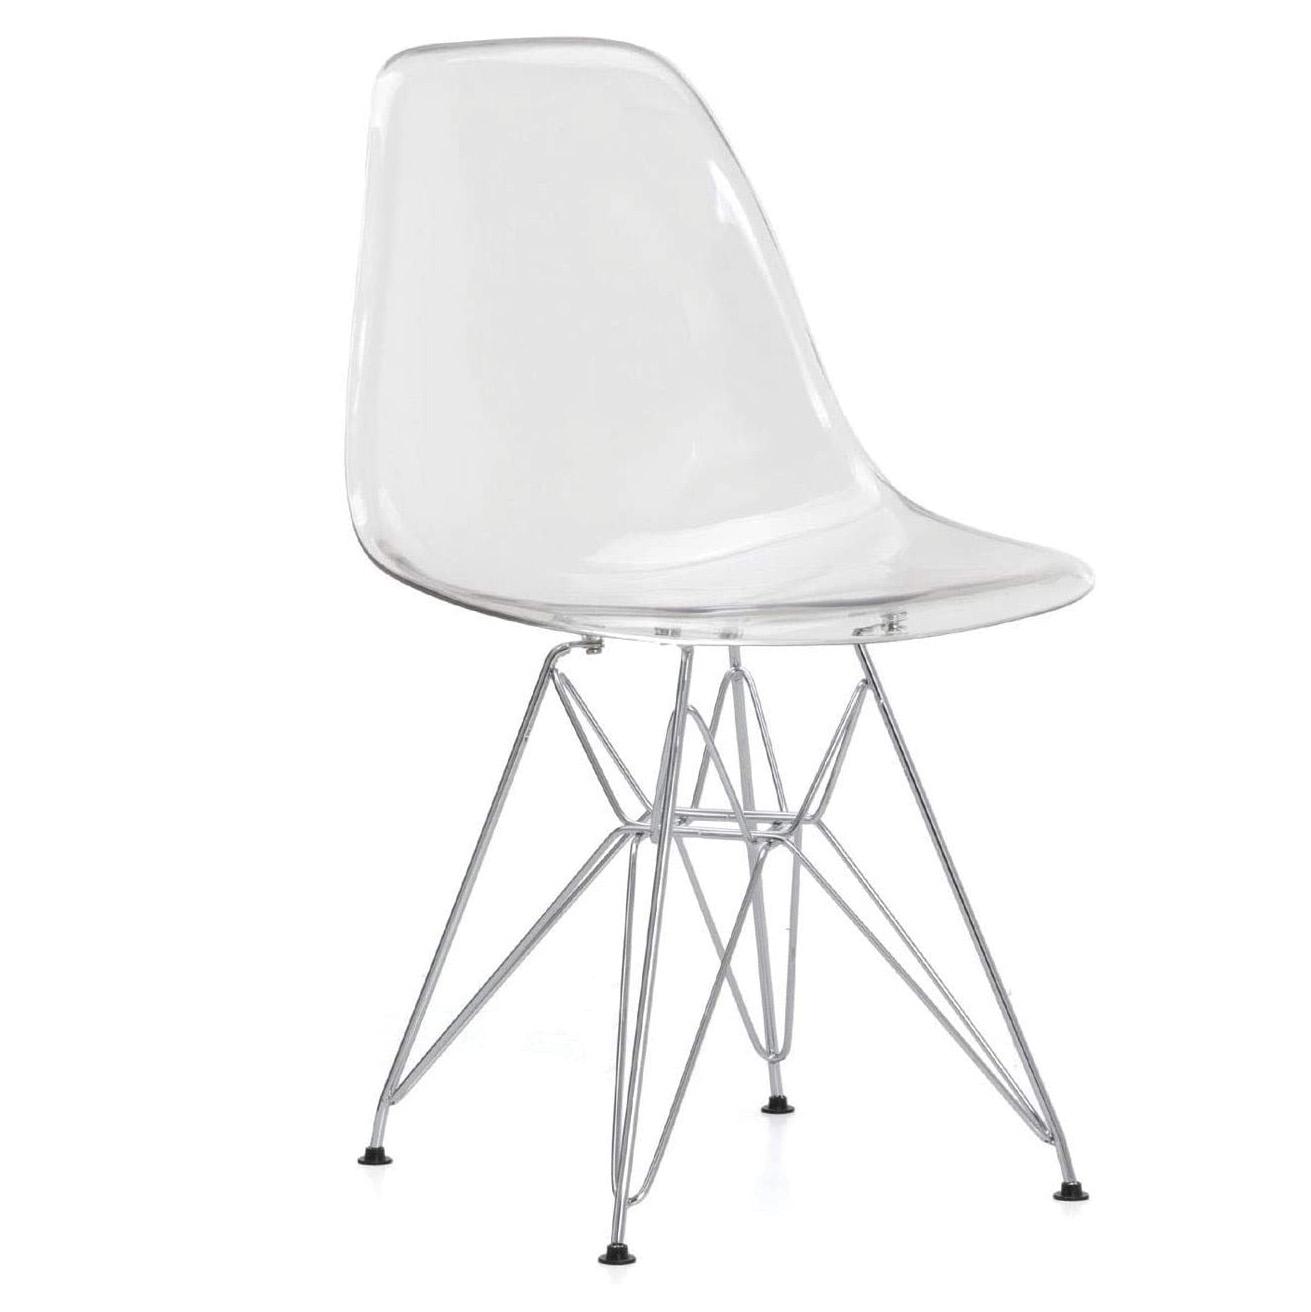 sillas transparentes para comedor y oficina de metacrilato escandinava tienda online de artículos transparentes